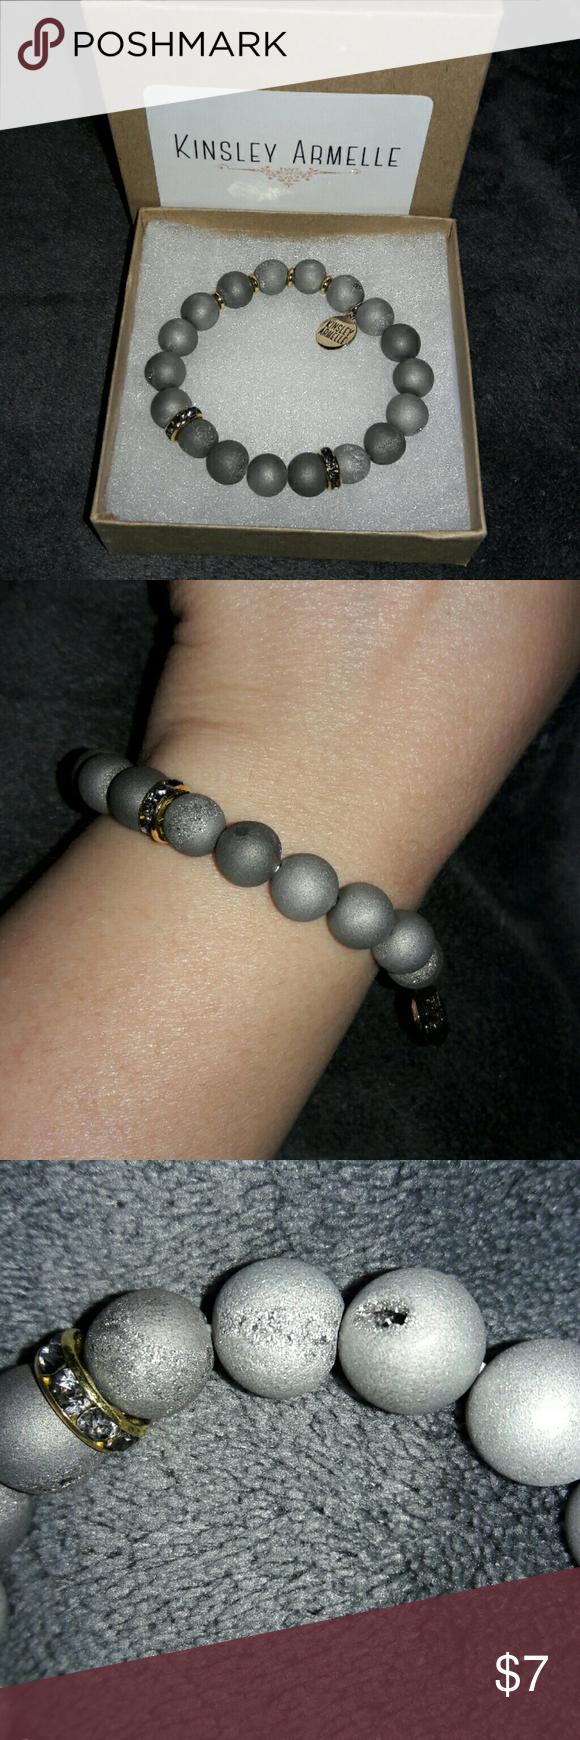 Kinsley armelle geode collection slate bracelet nwot never worn